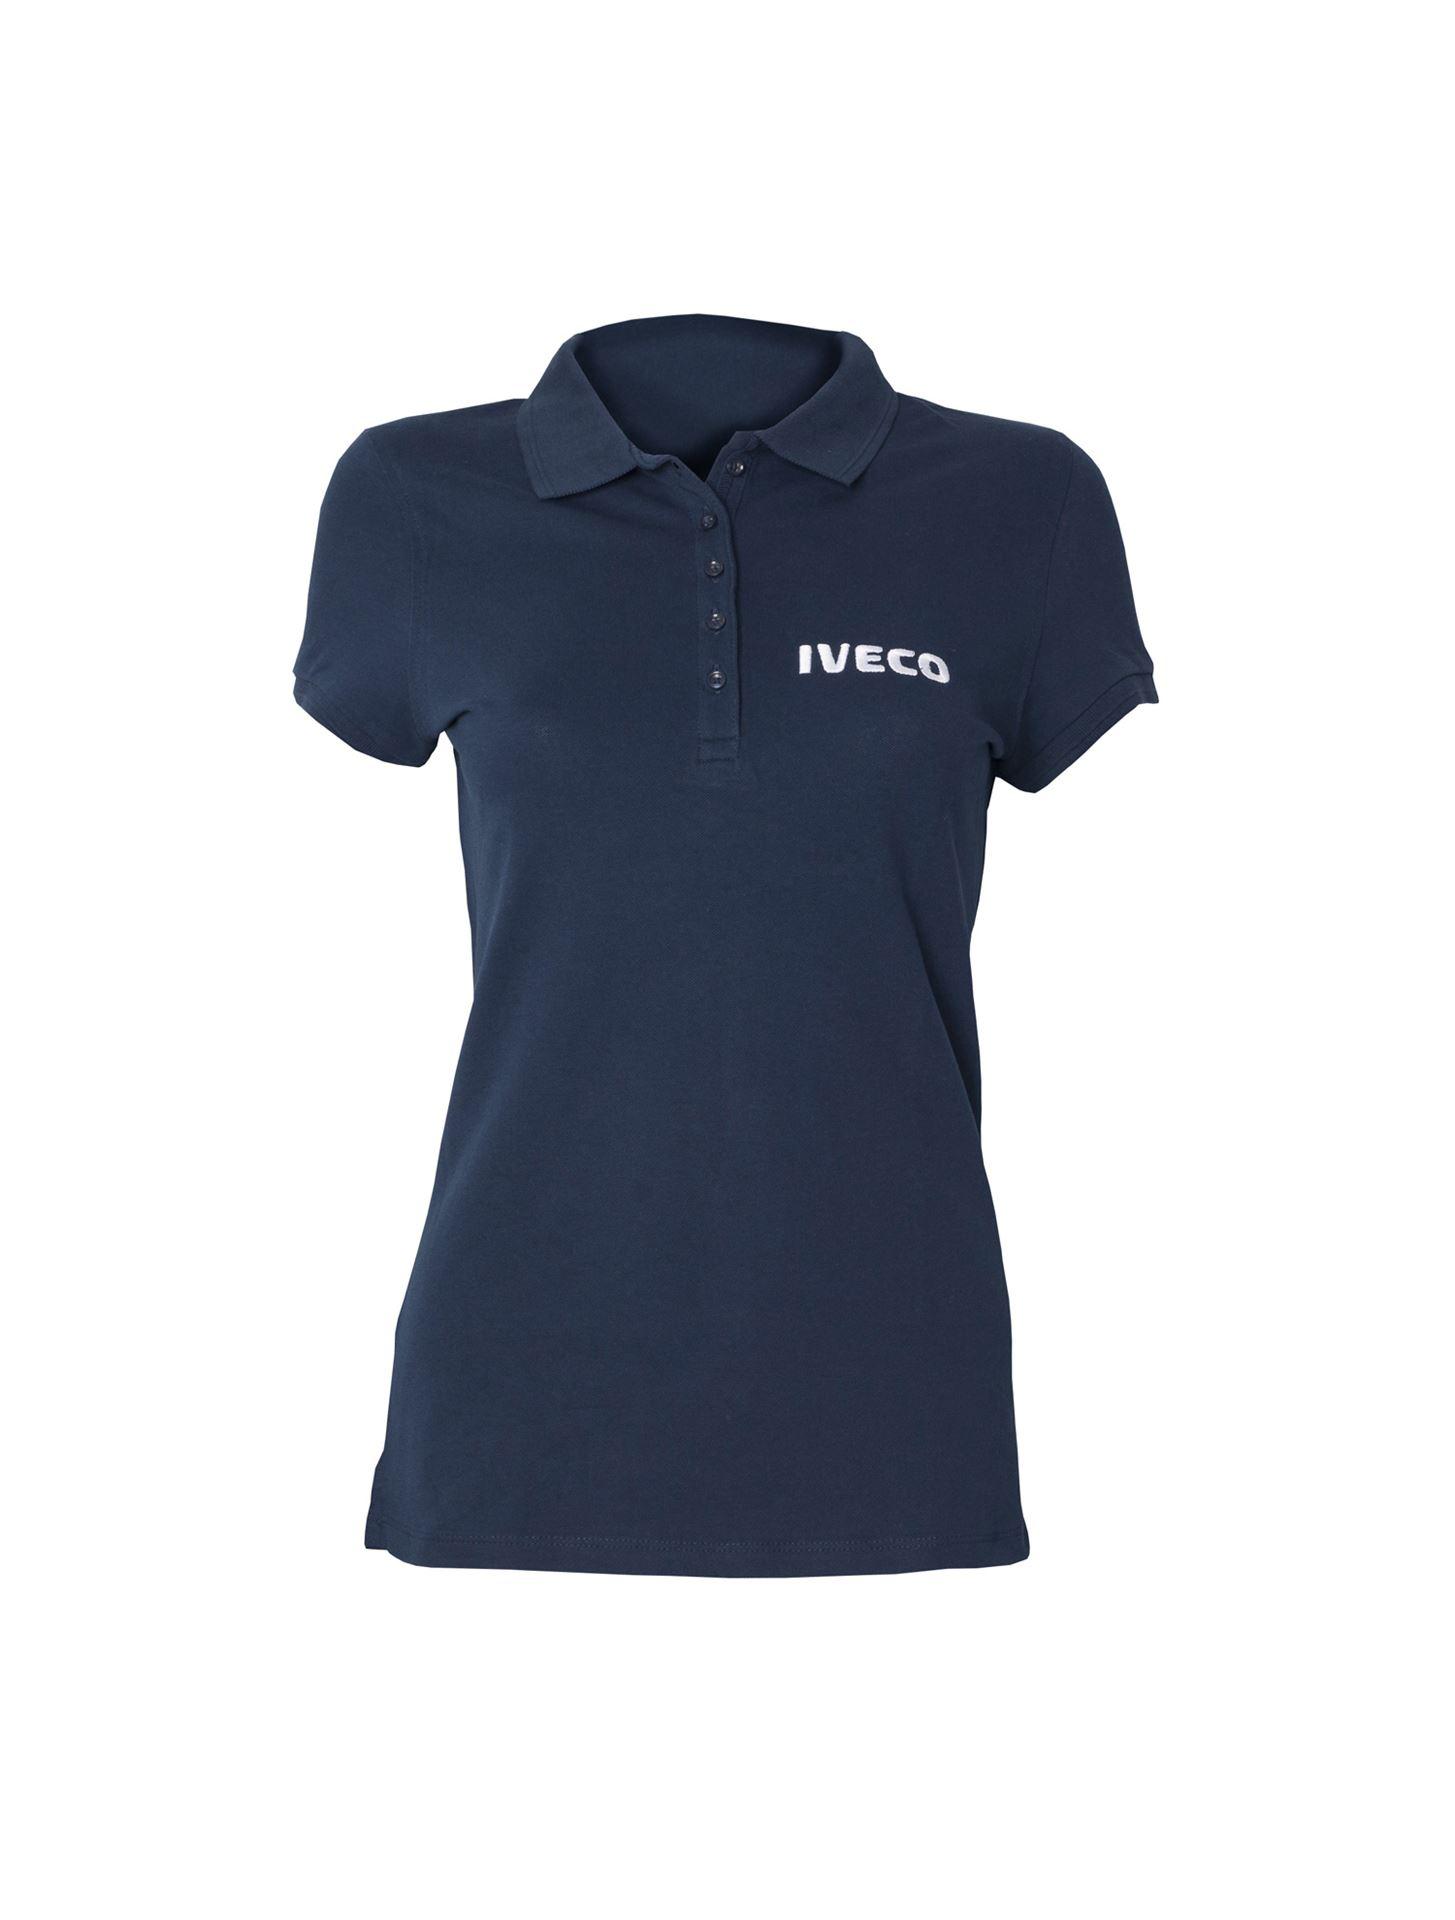 4fc76d930 Iveco Fanshop. Women's polo shirt, blue